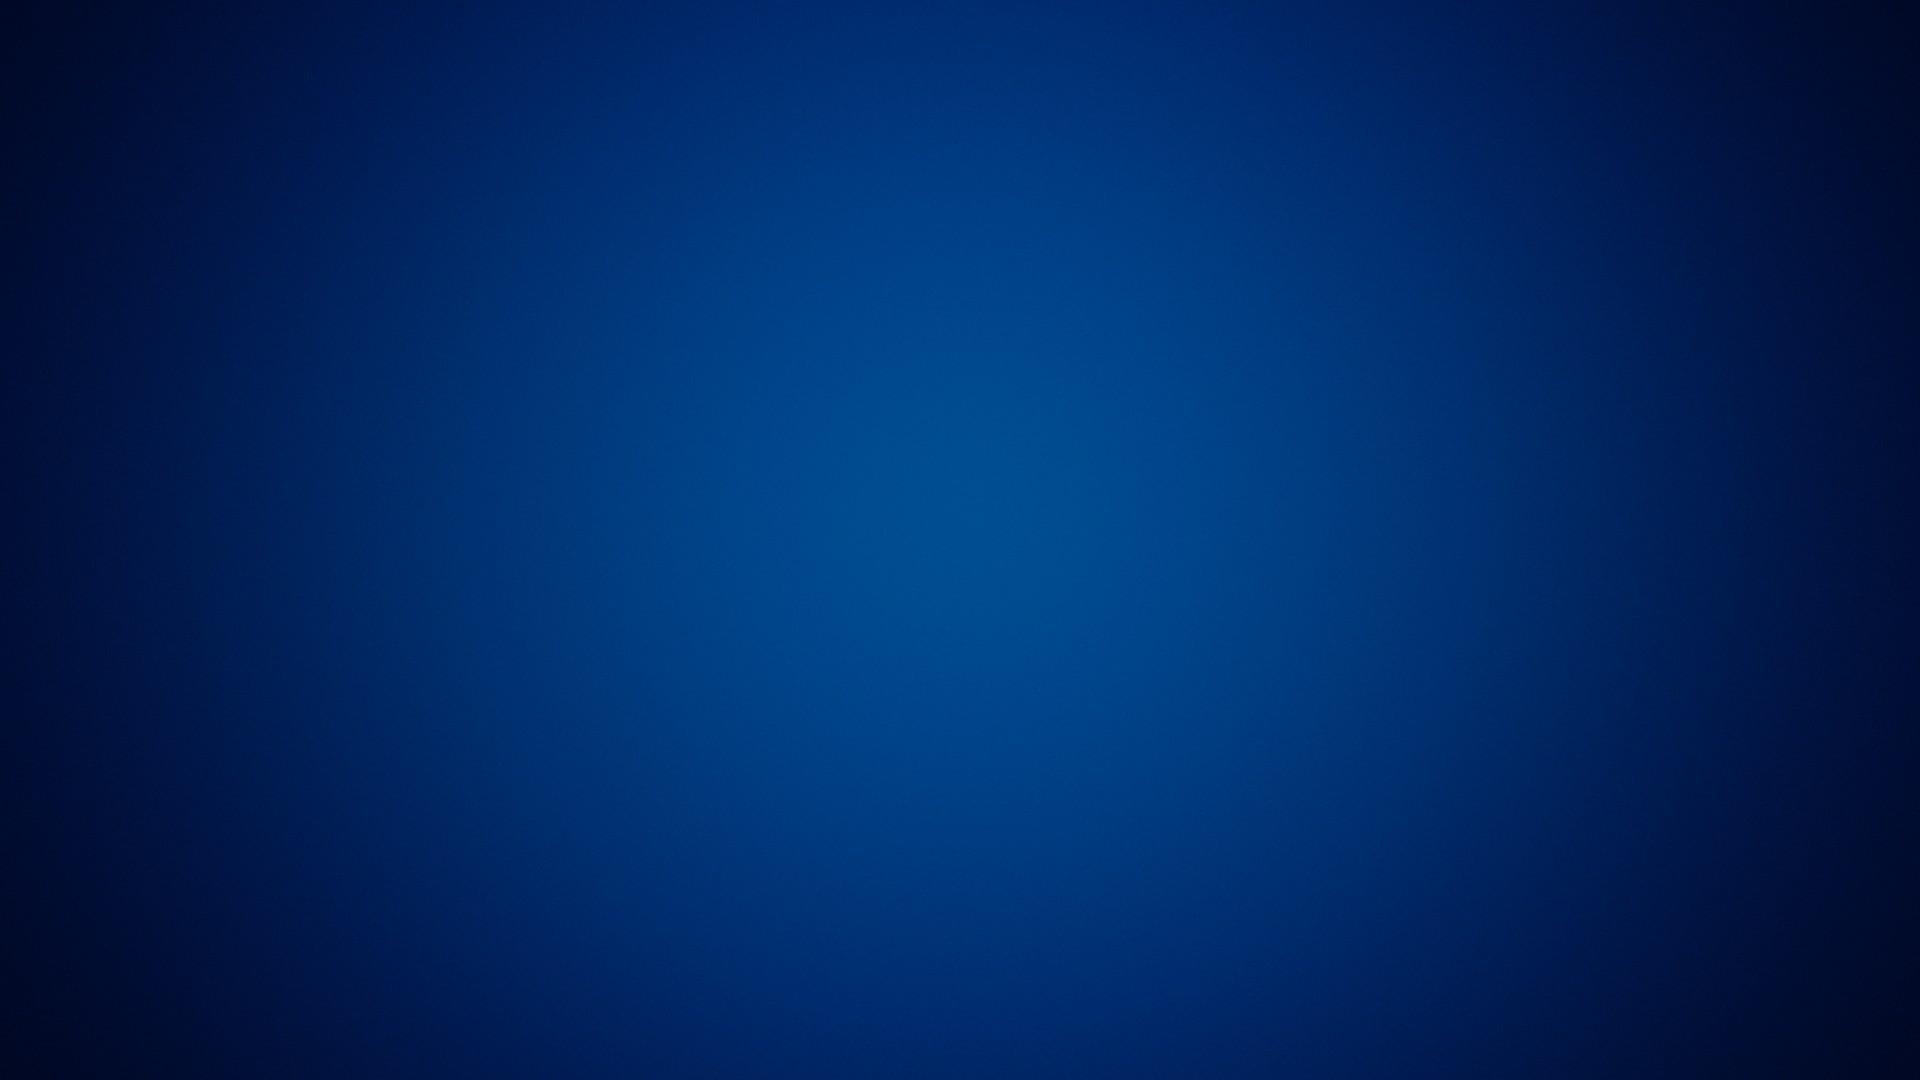 blue gradient wallpaper 85 images